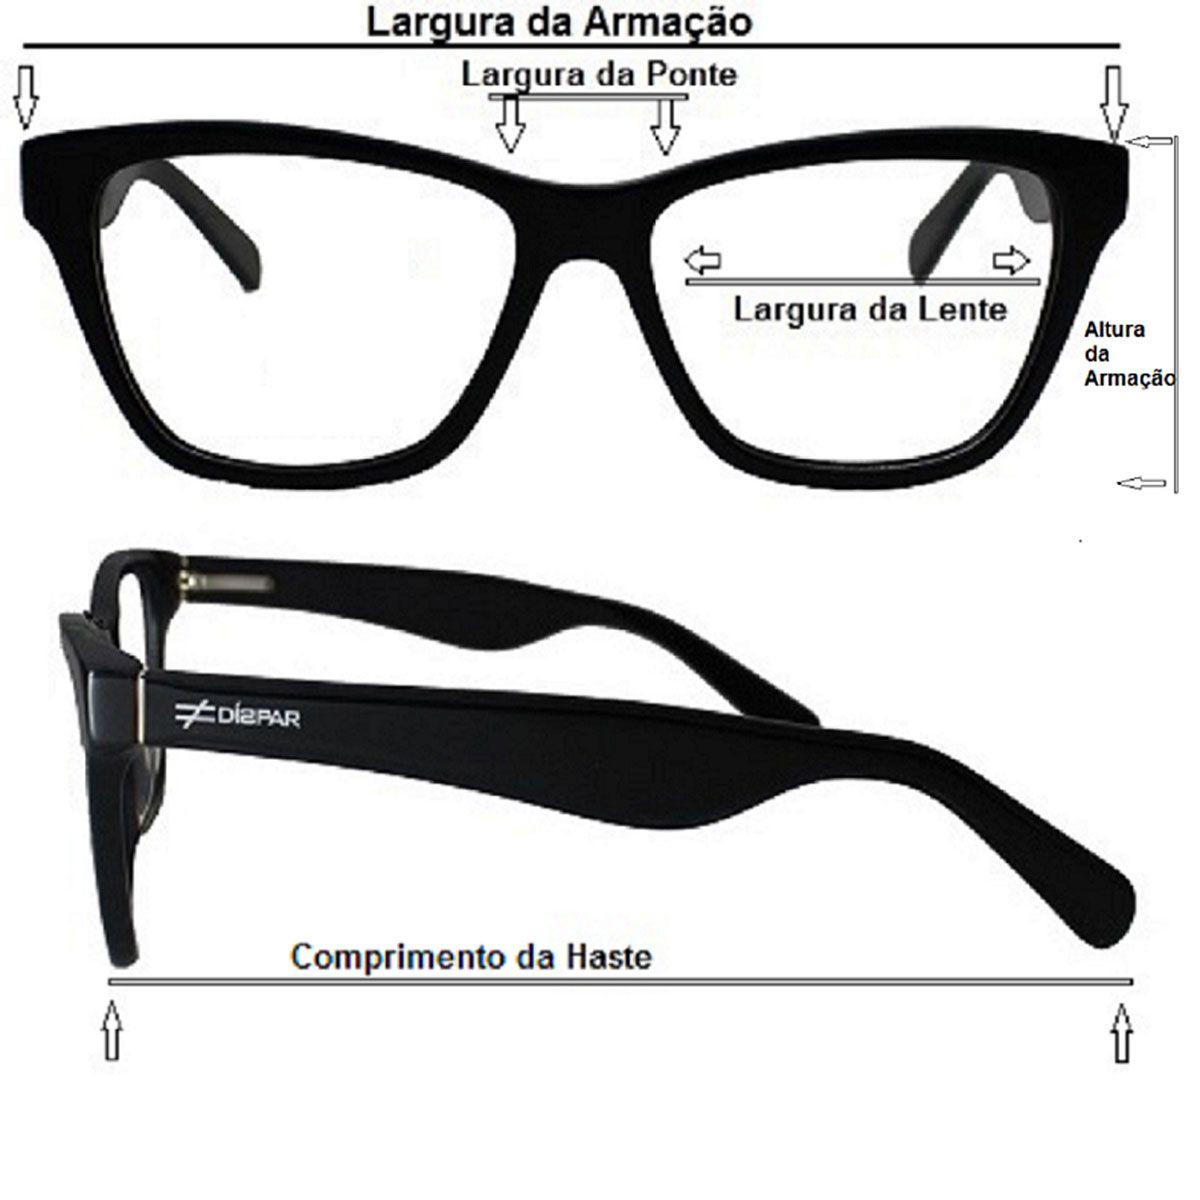 Armação para Óculos Díspar ID2104 Infantil Flexível - Azul/Amarelo Idade 3 a 6 anos